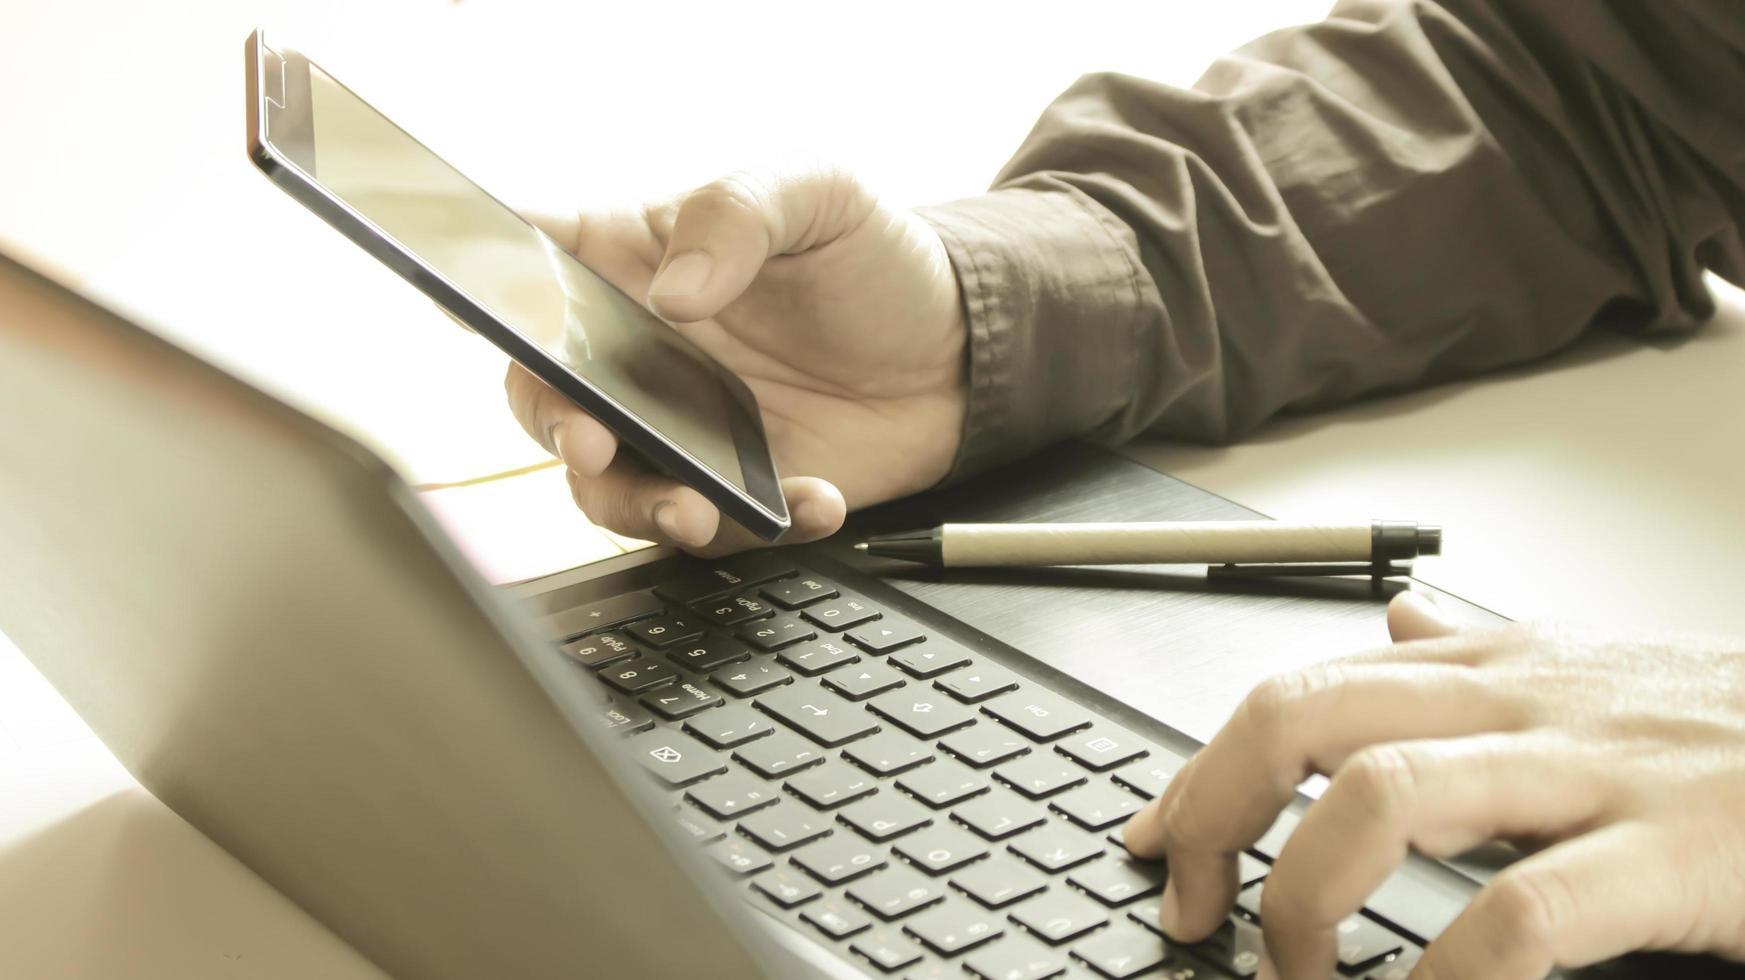 profesional sosteniendo el teléfono y escribiendo en la computadora foto